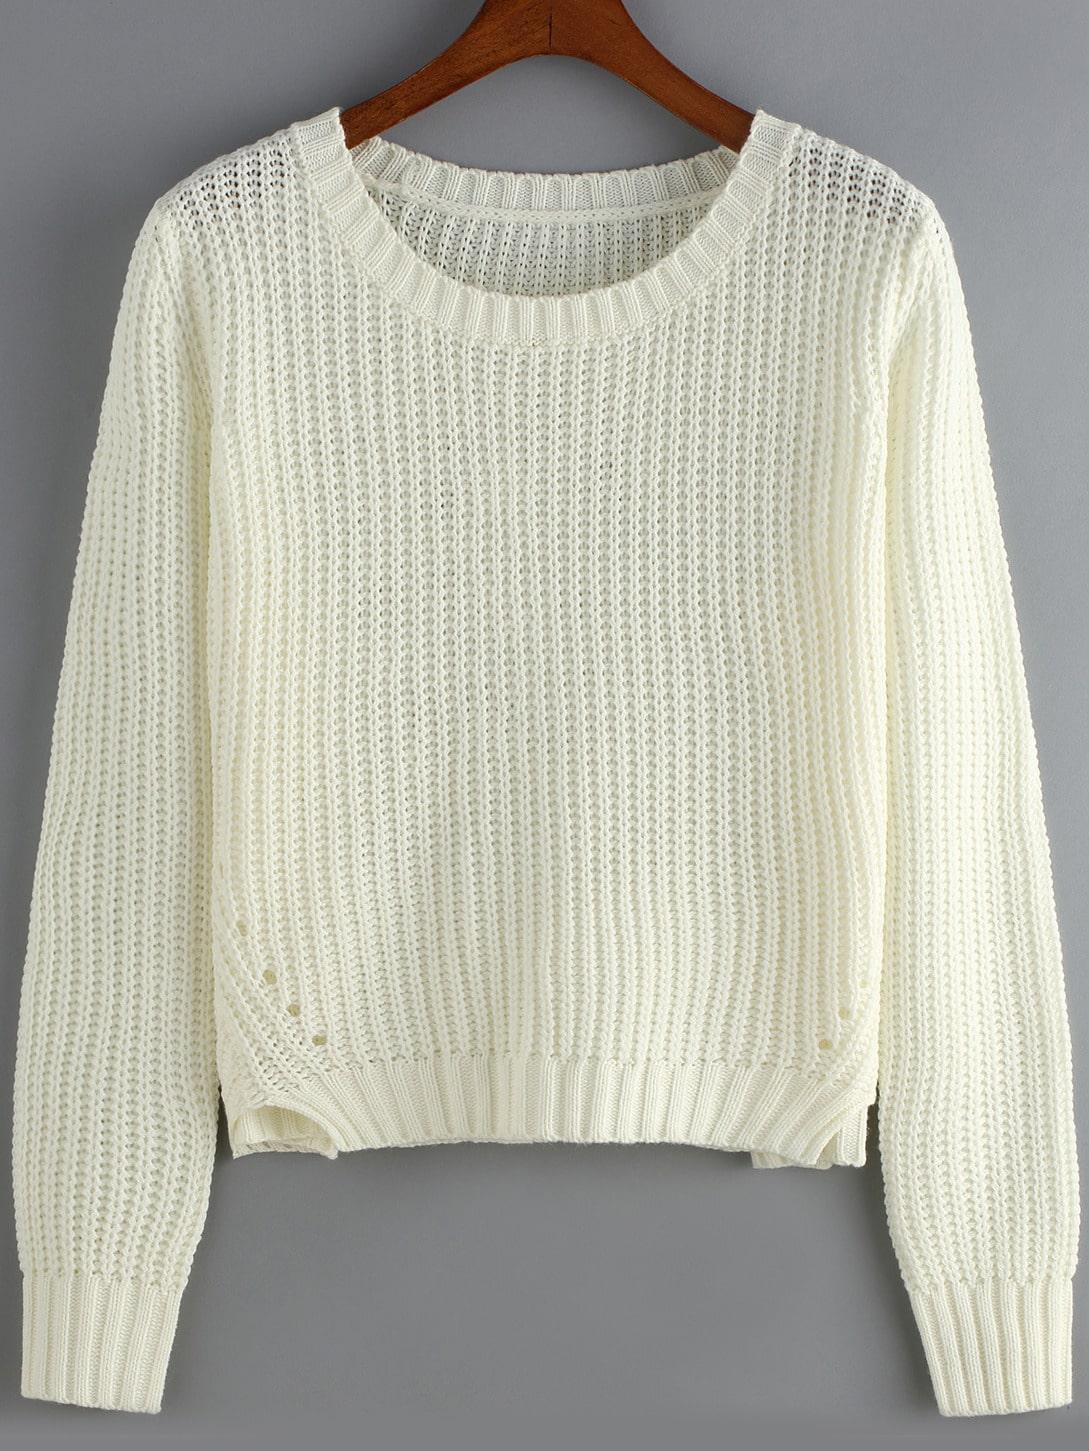 Вязание кроп свитера 77